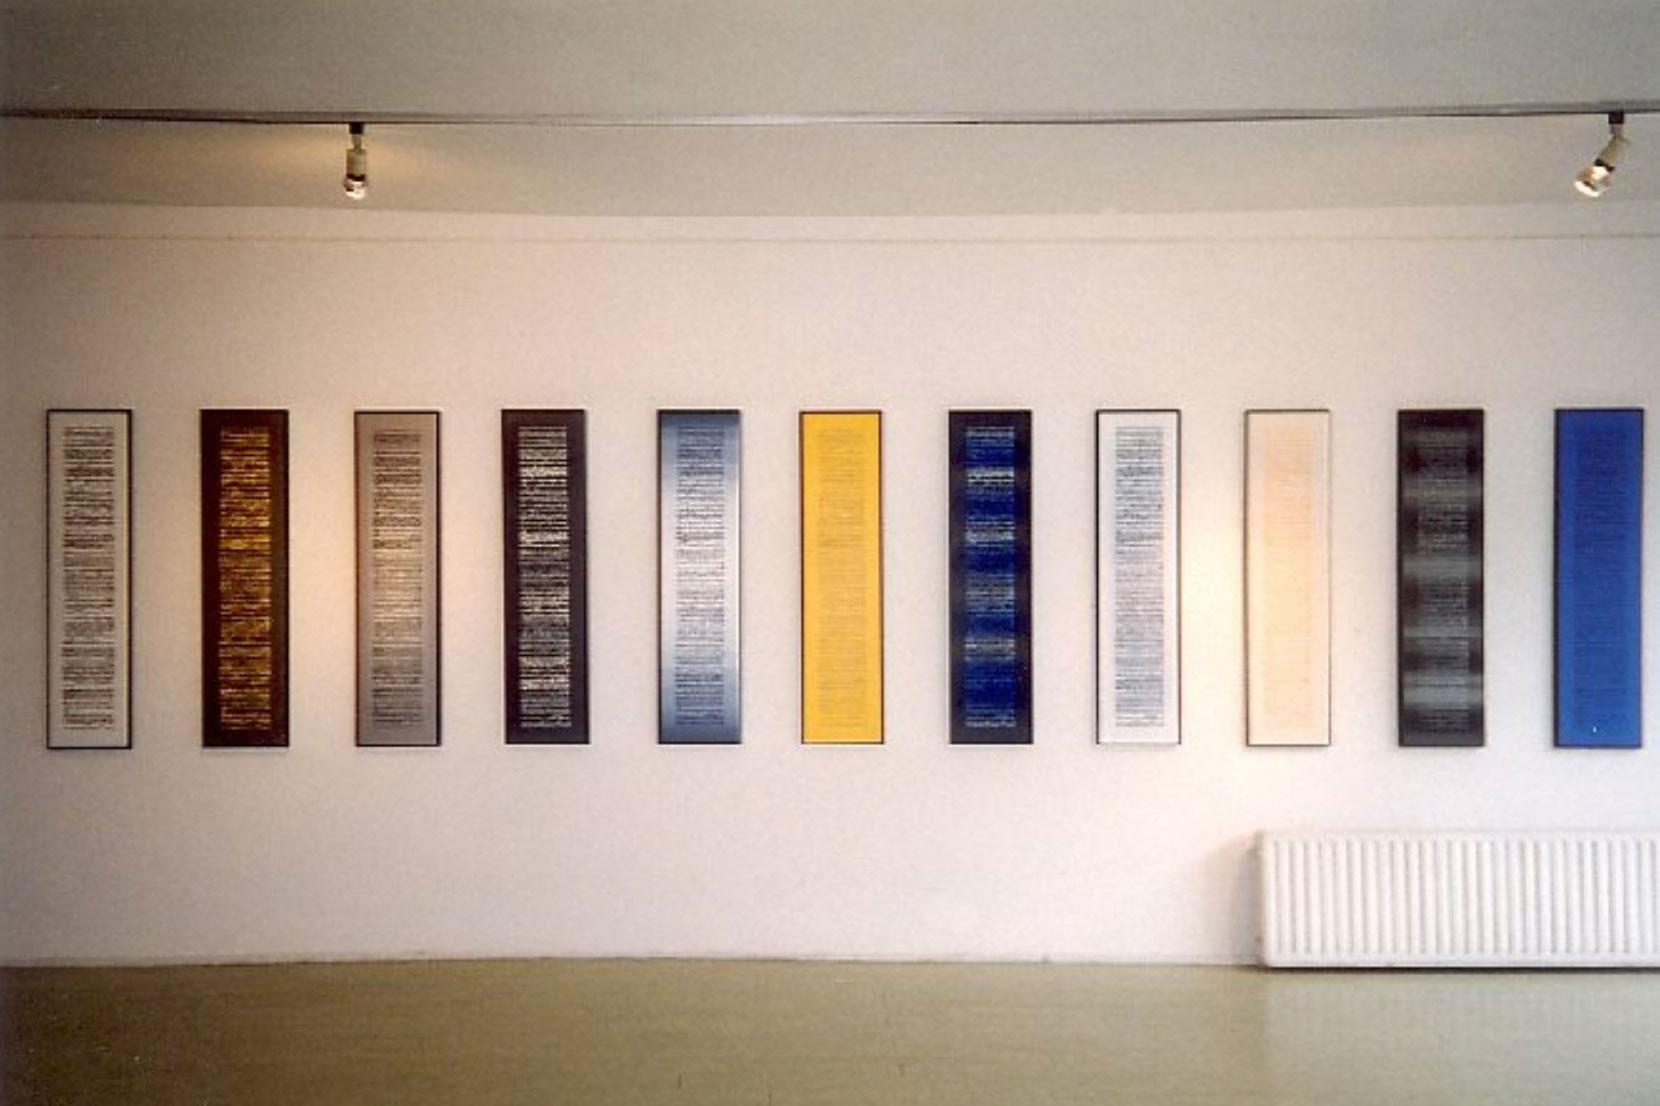 Exhibition in gallery Delta in Rotterdam. 2000